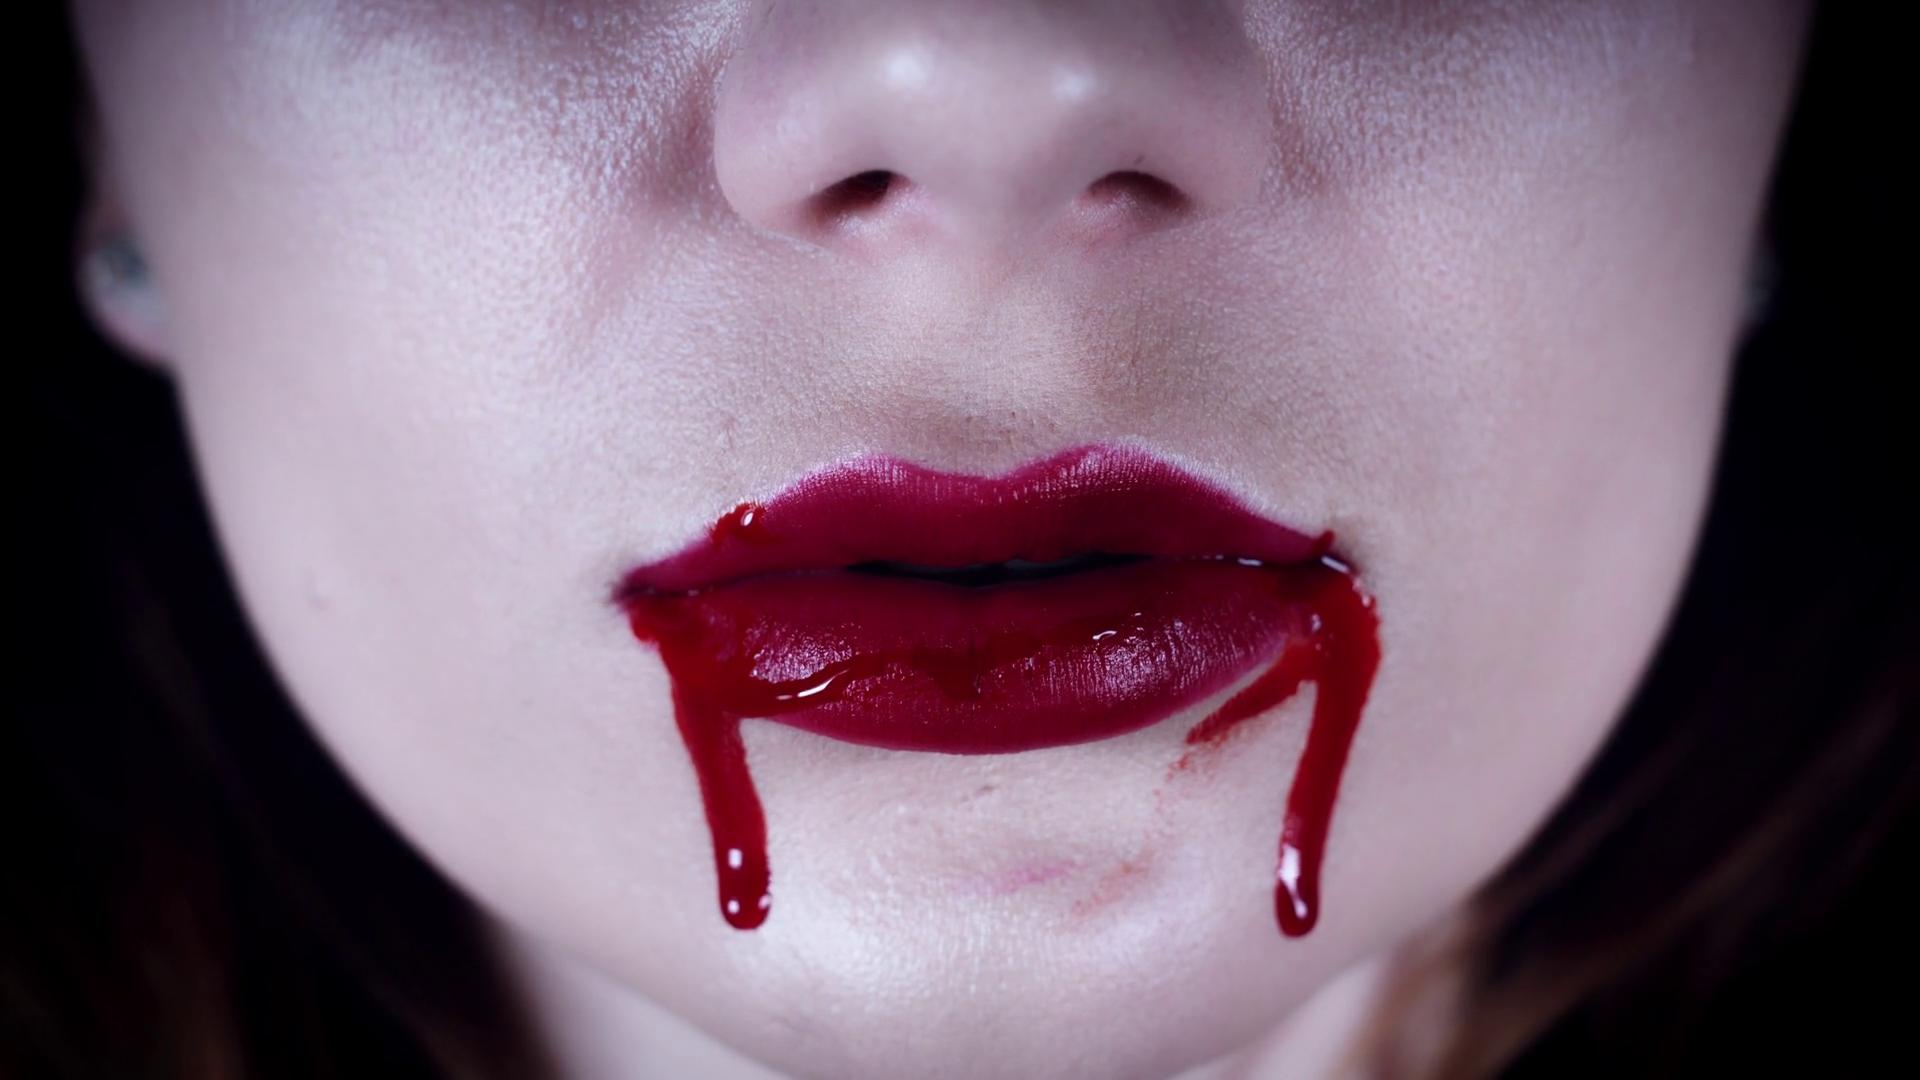 Кровь изо рта - фото